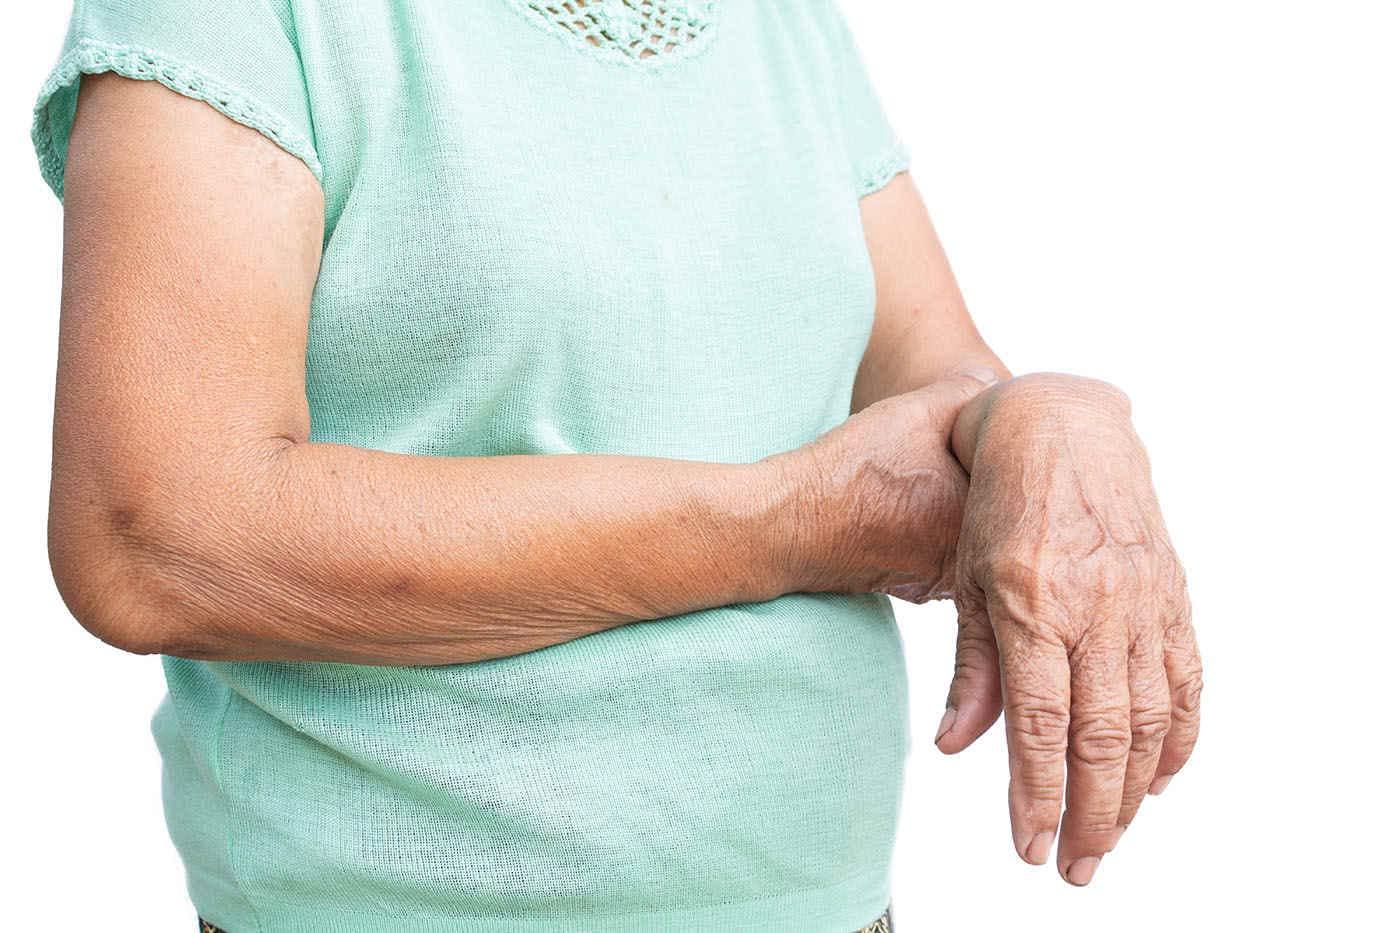 De ce apare slăbiciunea musculară la vârstnici?